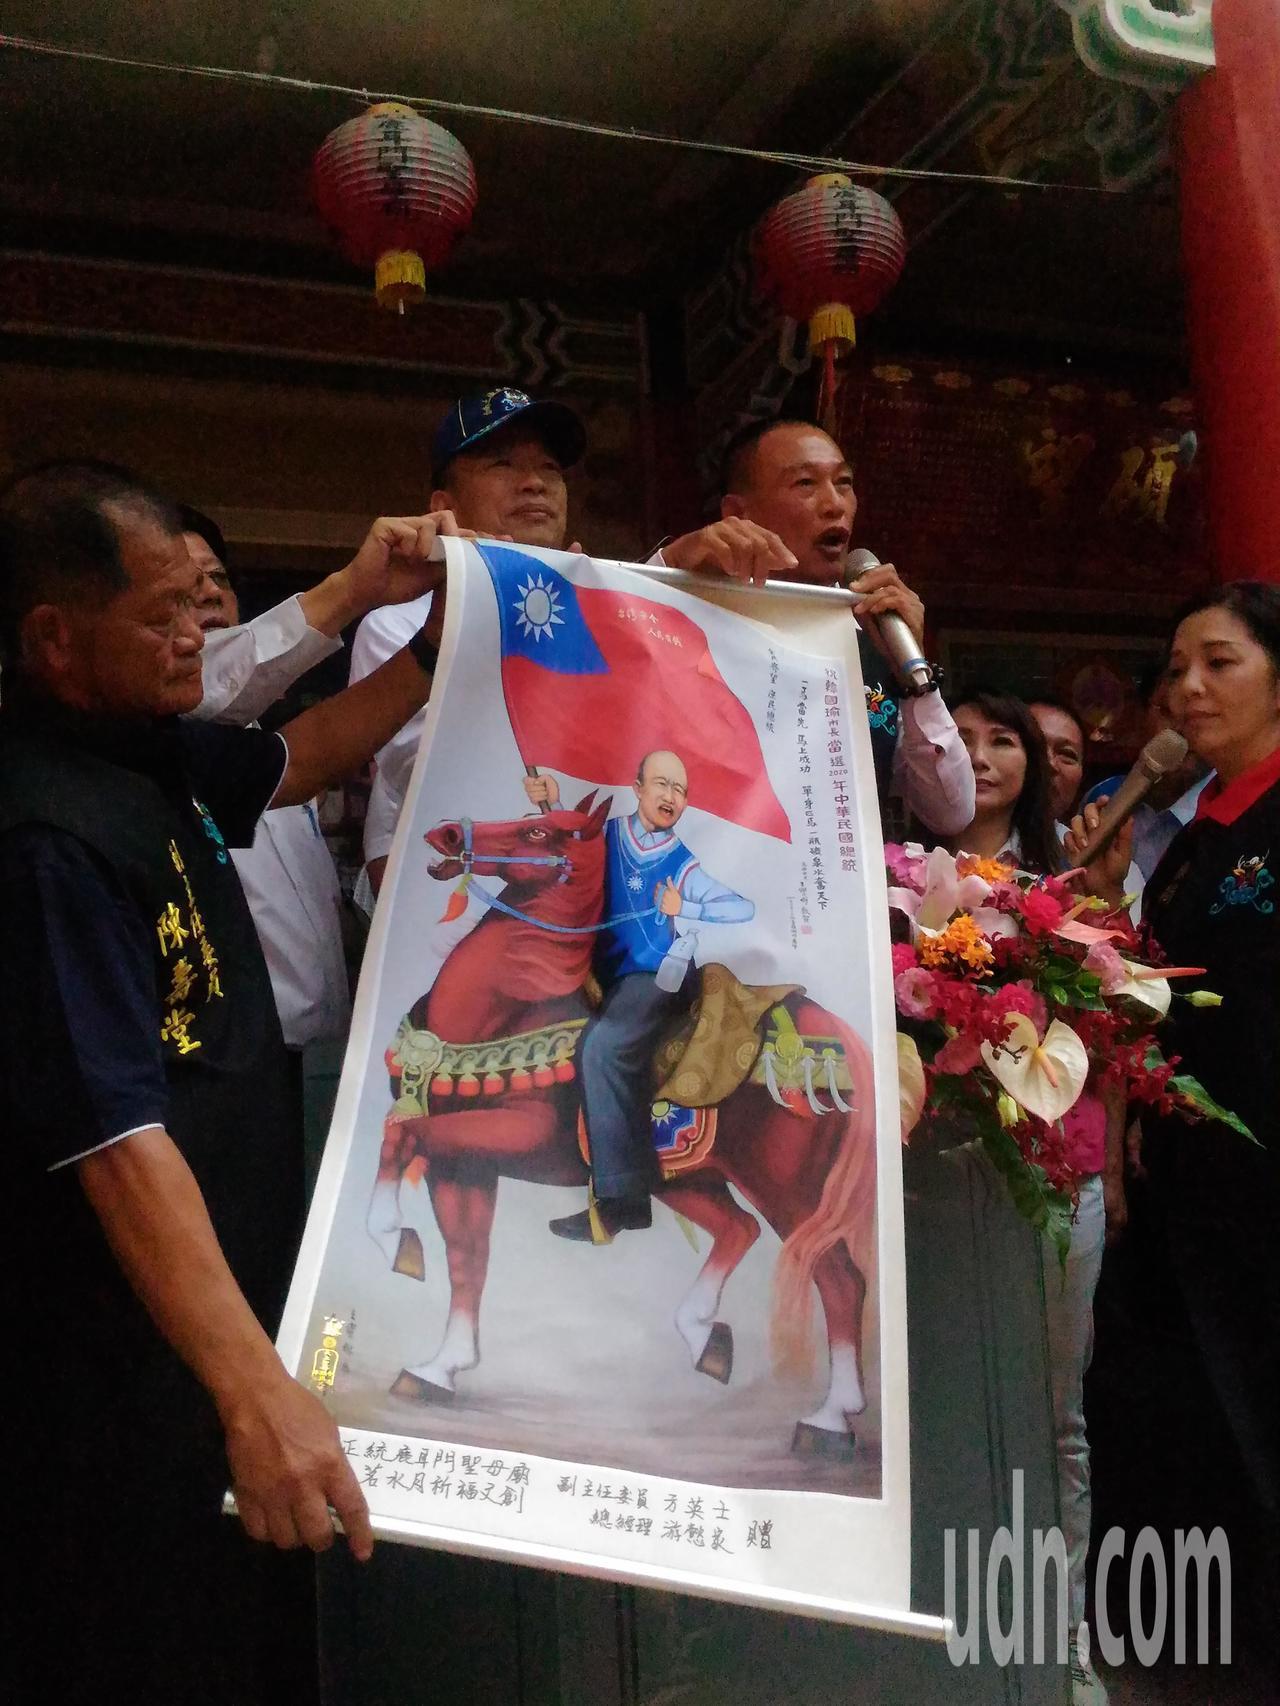 韓國瑜收到正統鹿耳門廟贈送馬到成功畫作。記者黃宣翰/攝影